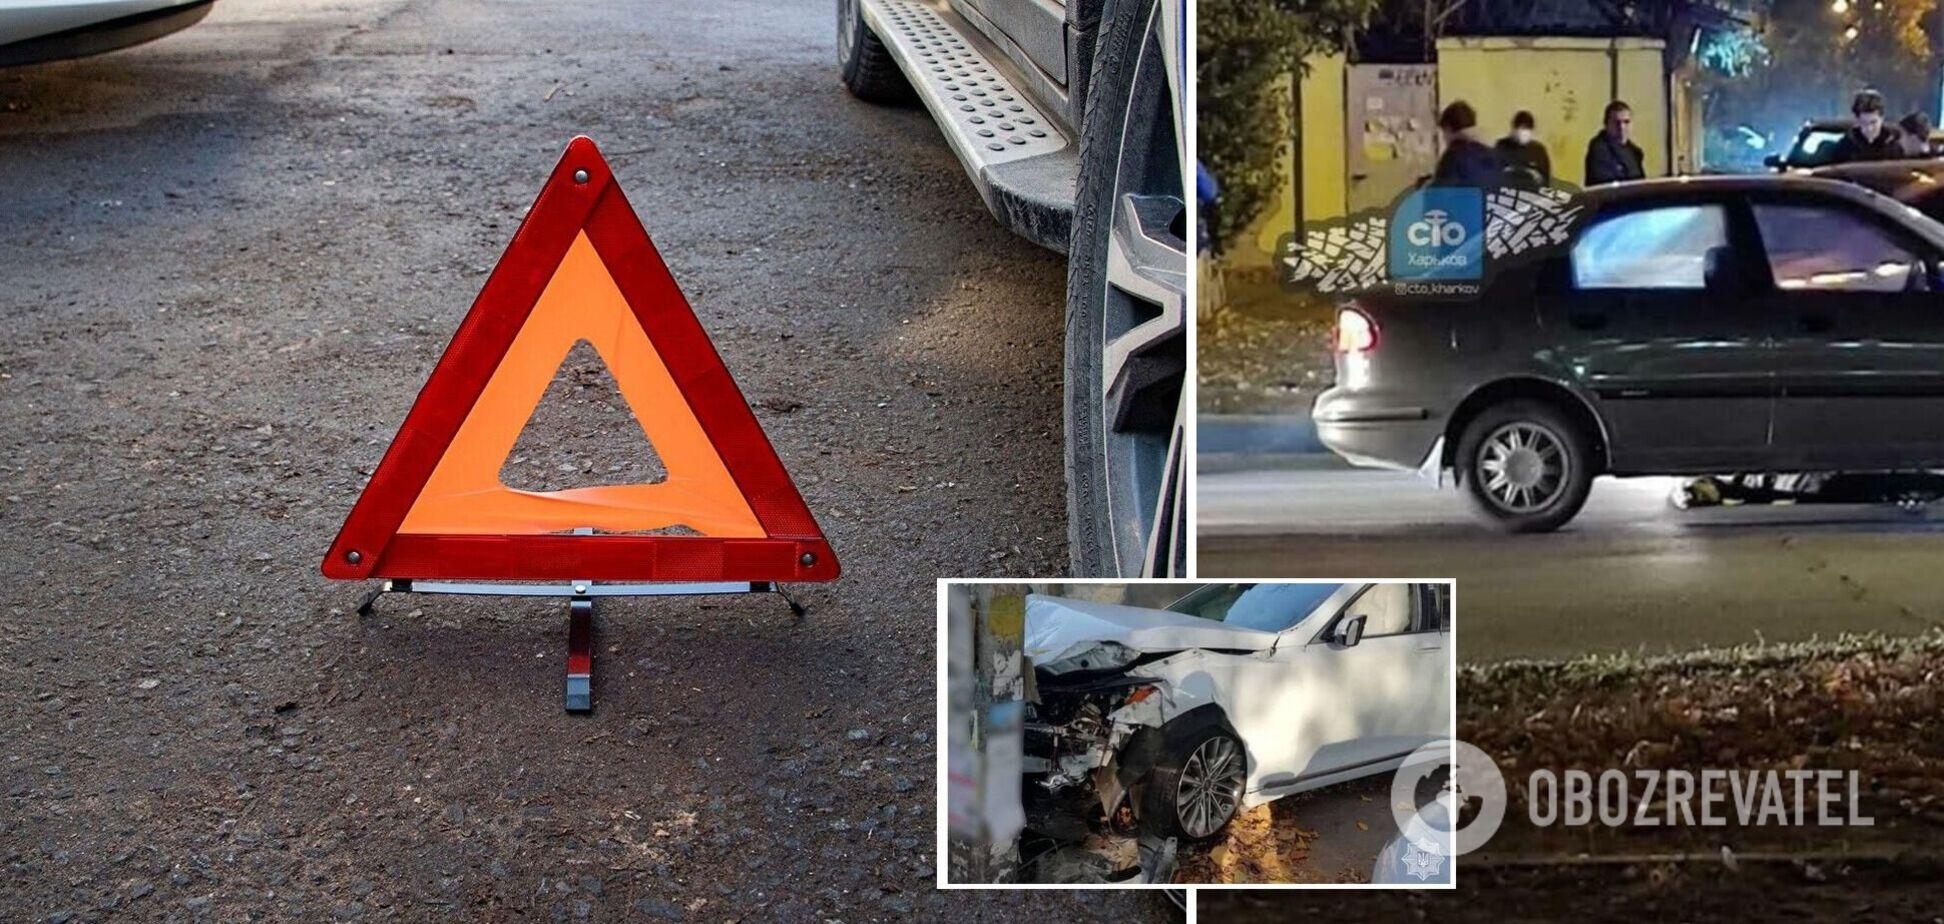 В Броварах авто сбило пешехода, а в Харькове еще одна смерть под колесами Infiniti. Хроника ДТП в Украине на 28 октября. Фото и видео